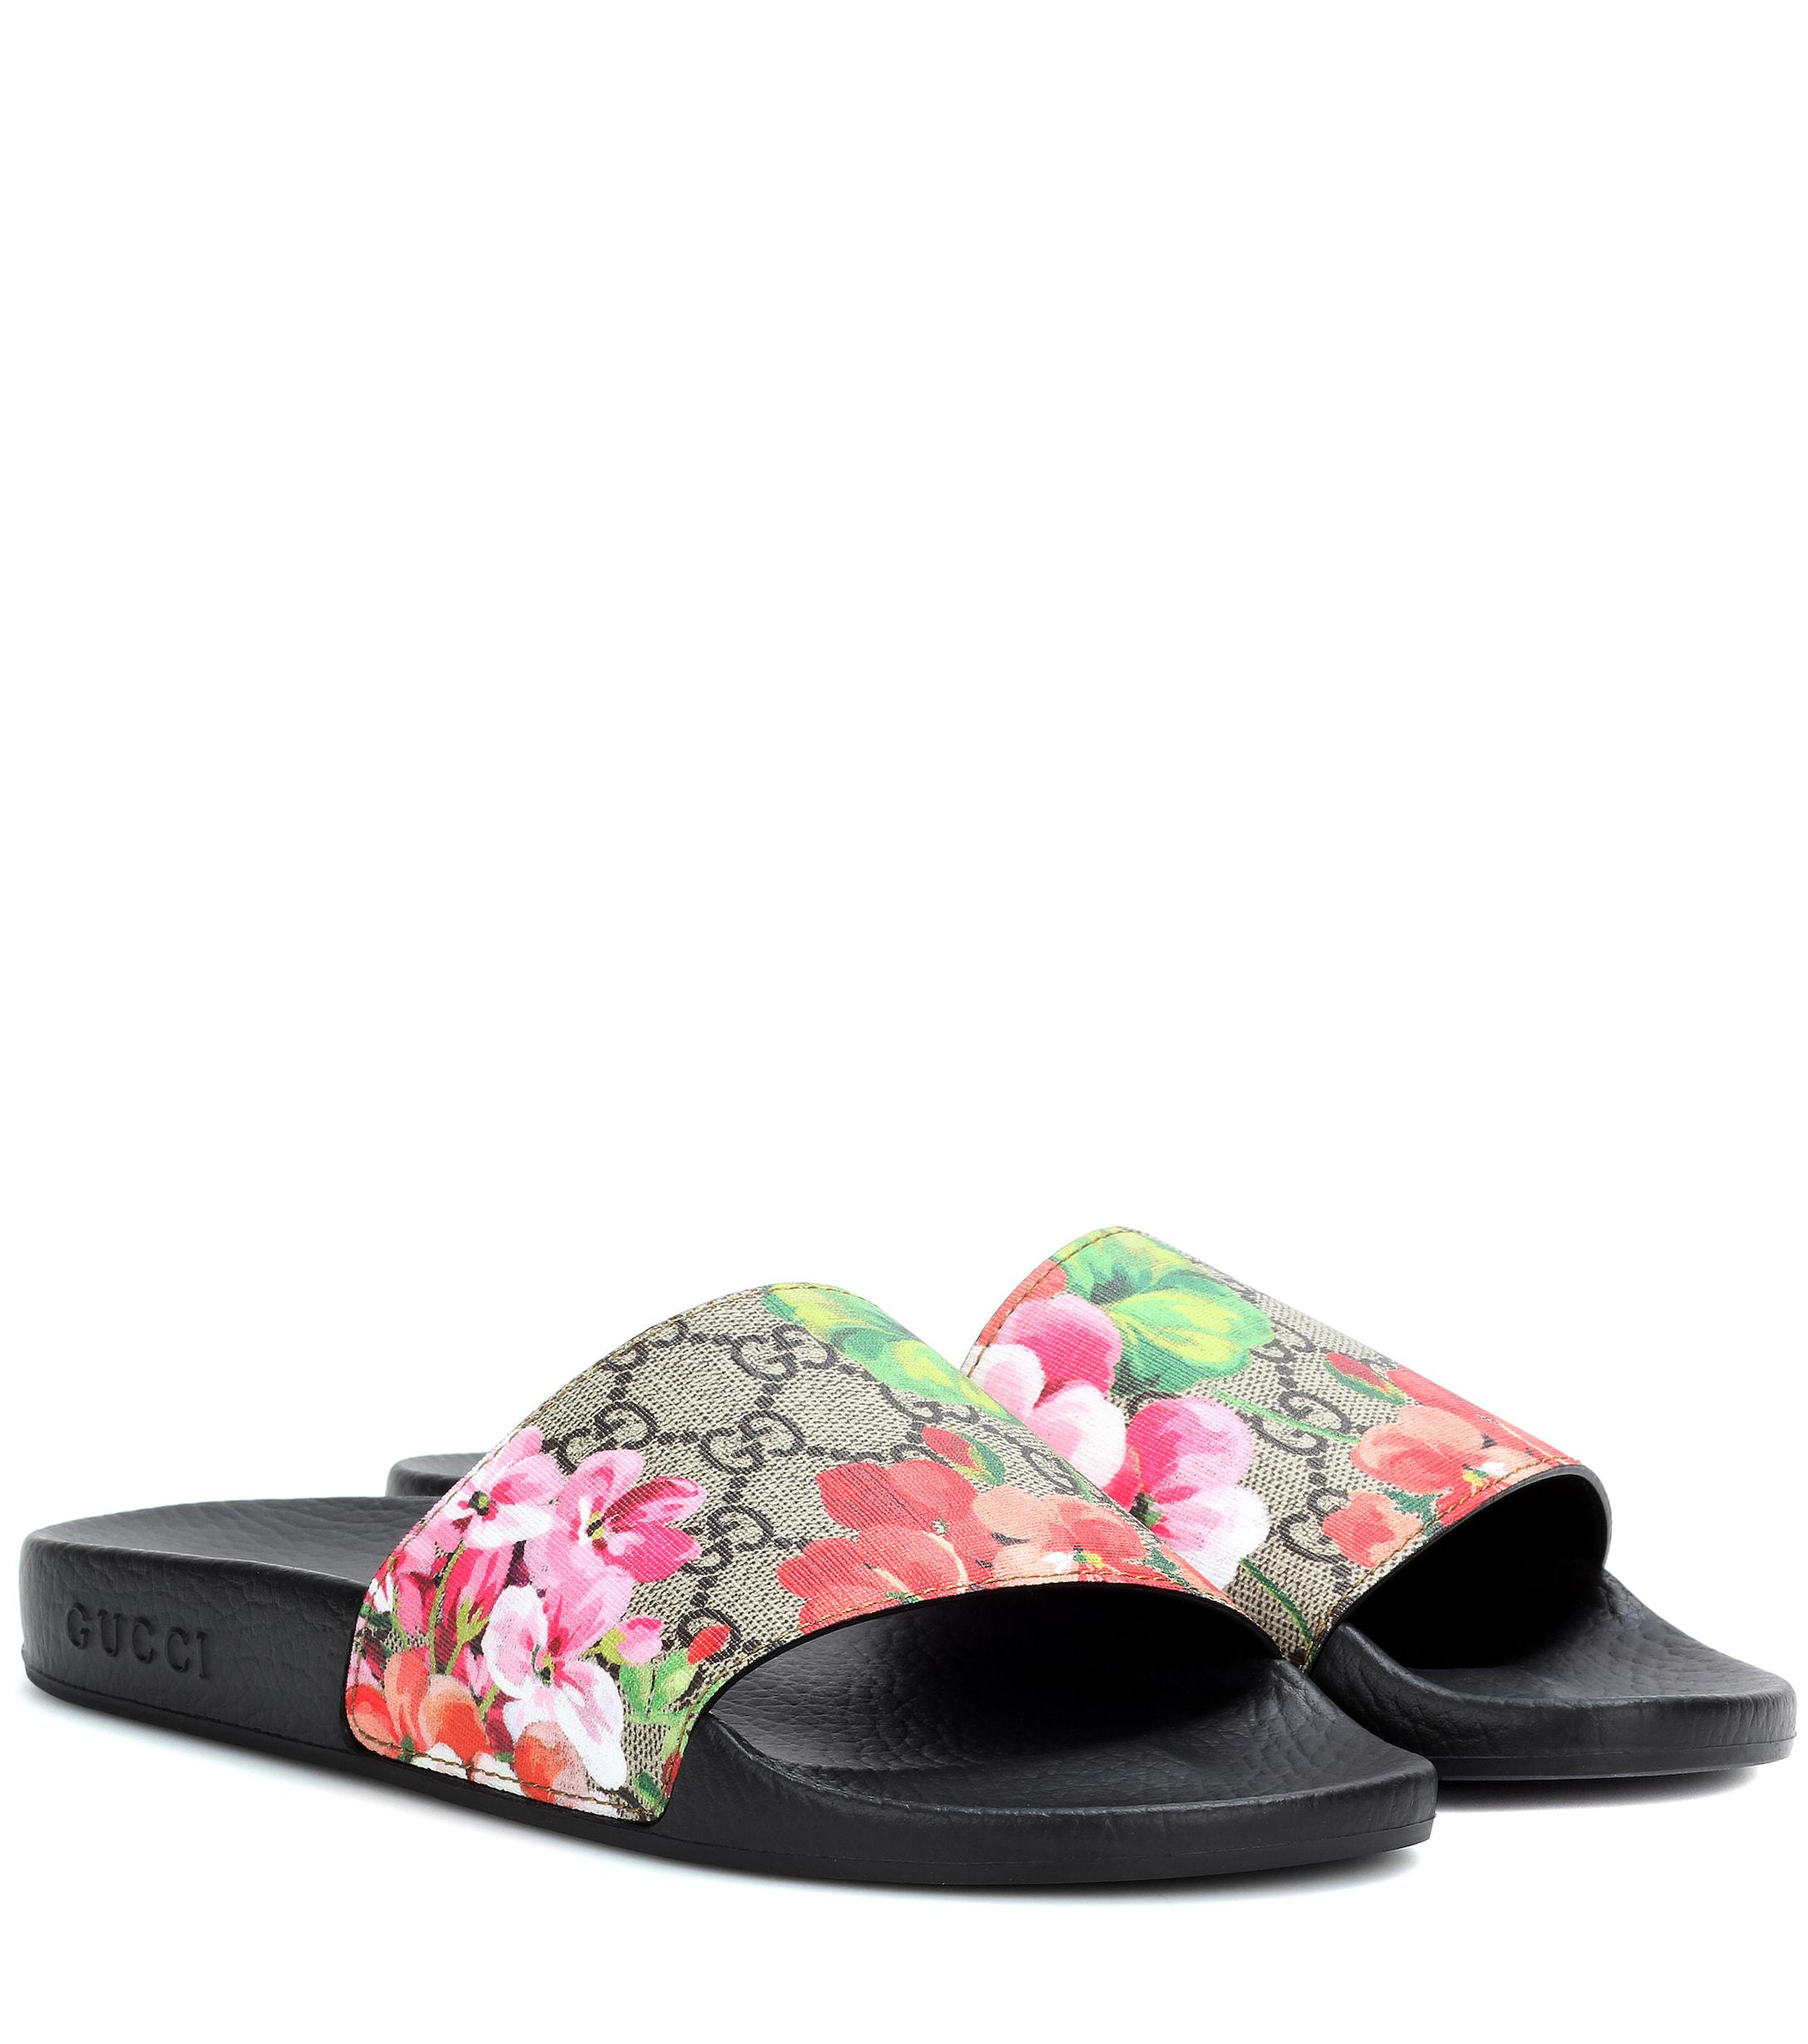 4d208e5f6ea49 Lyst - Gucci GG Blooms Supreme Slides